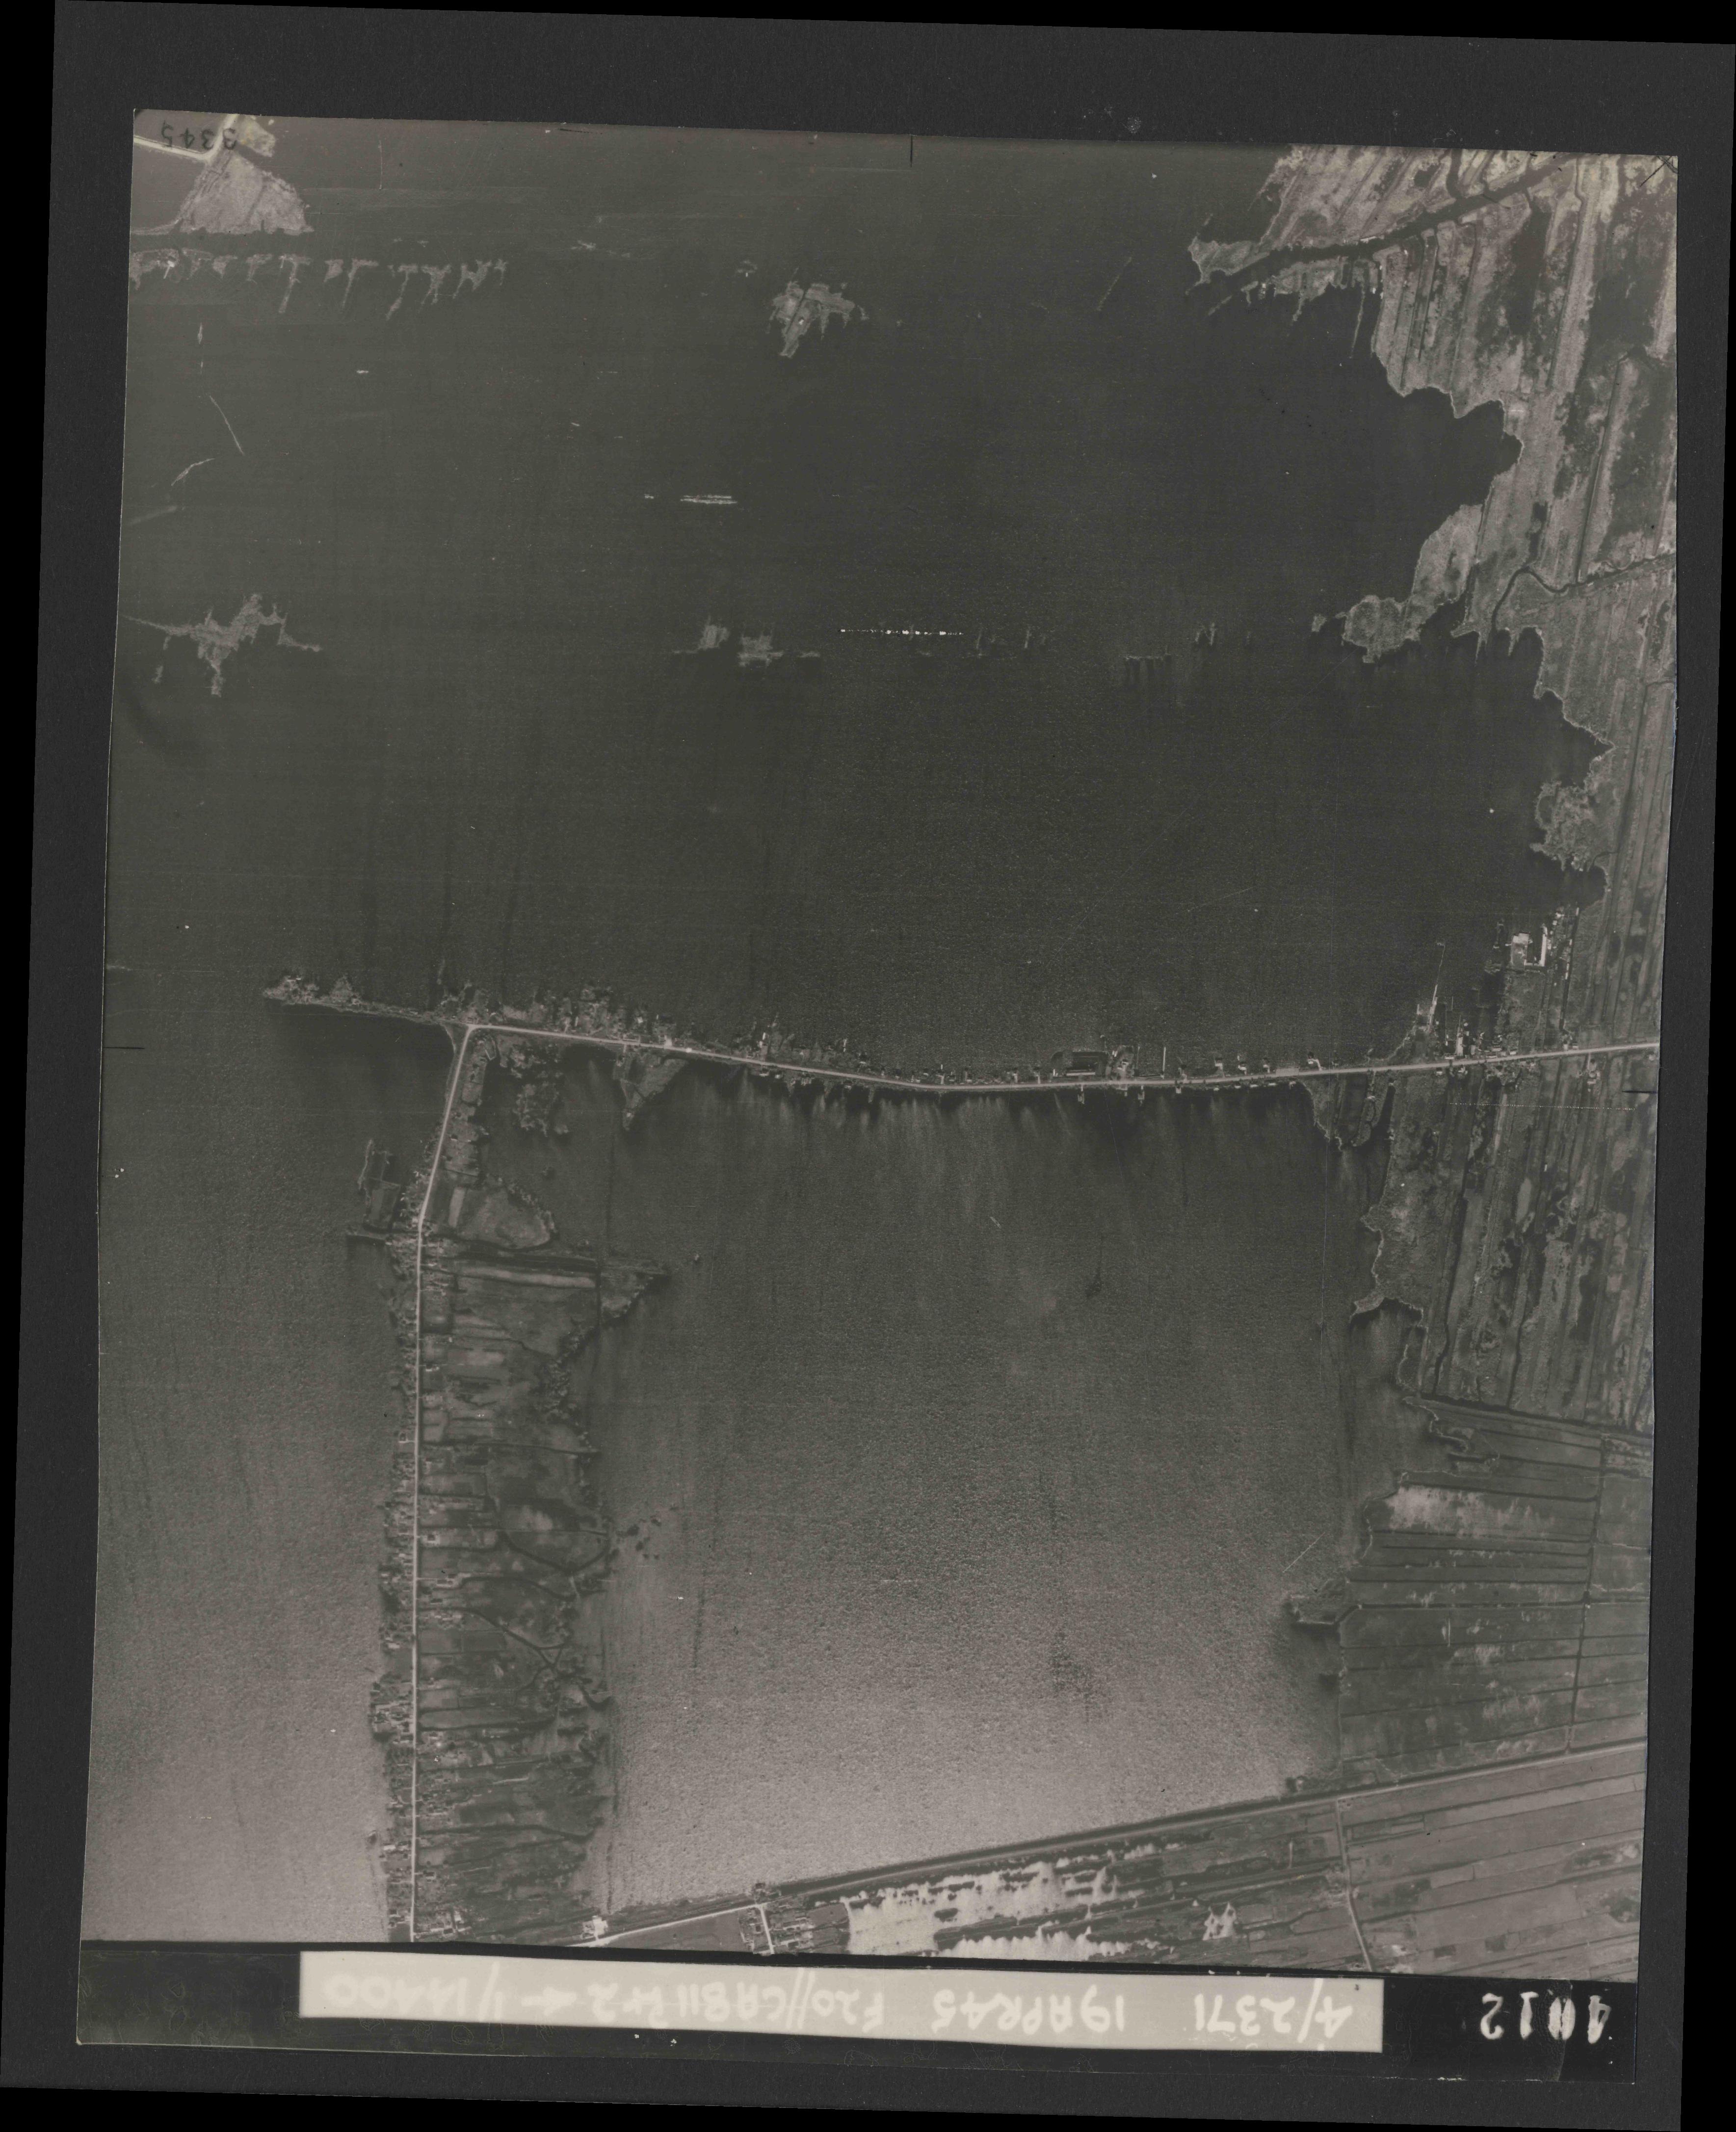 Collection RAF aerial photos 1940-1945 - flight 305, run 02, photo 4012